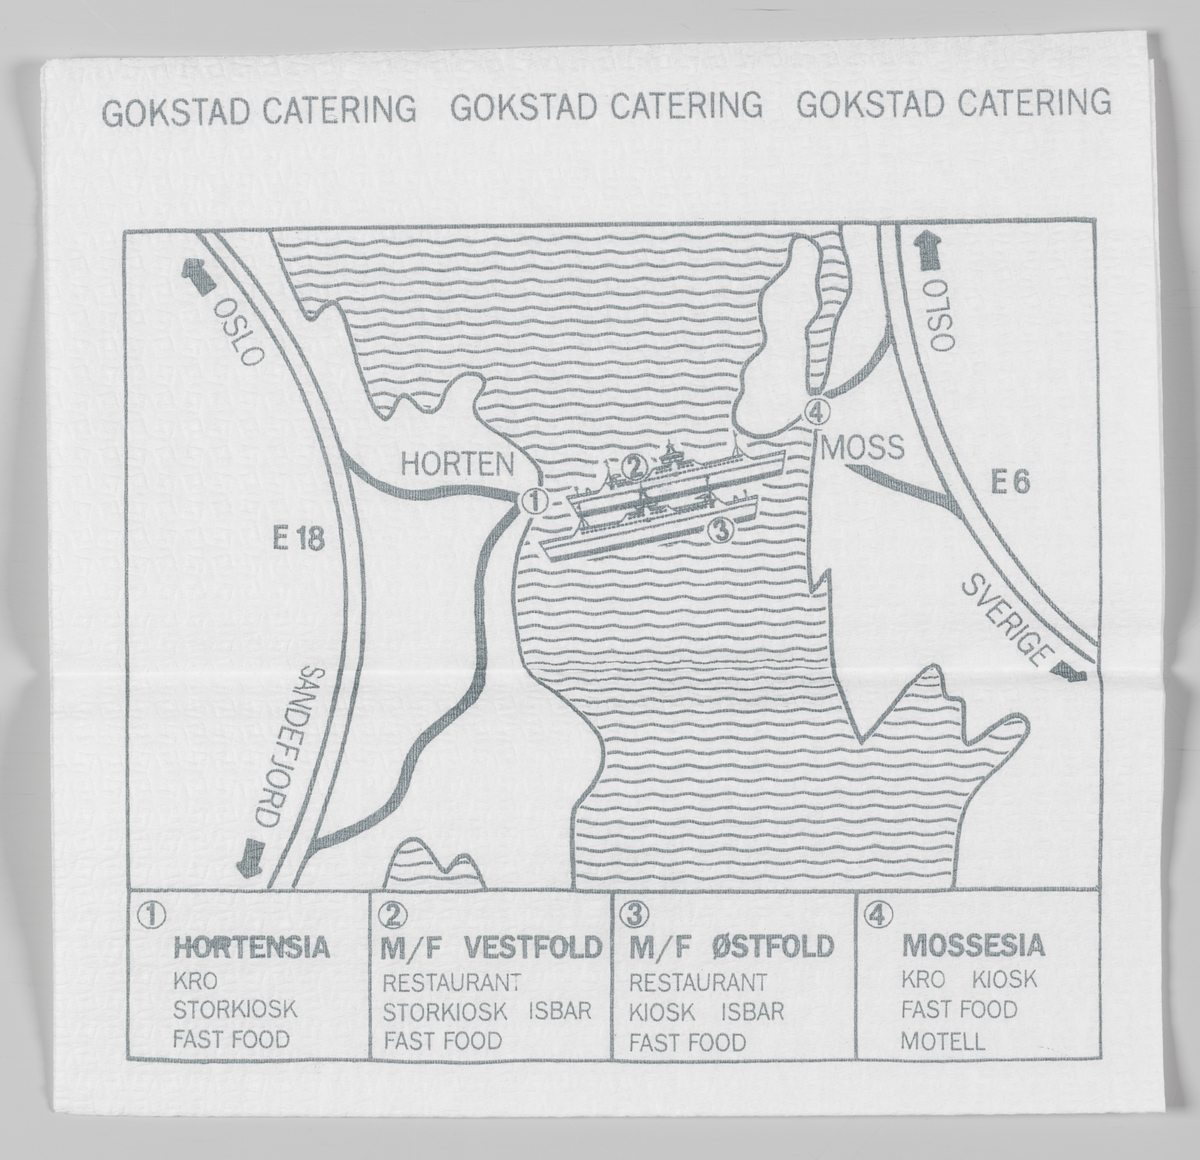 En tegning av Gokstad skipet og et kart over området Horten og Moss og en reklametekst for Gokstad catering.